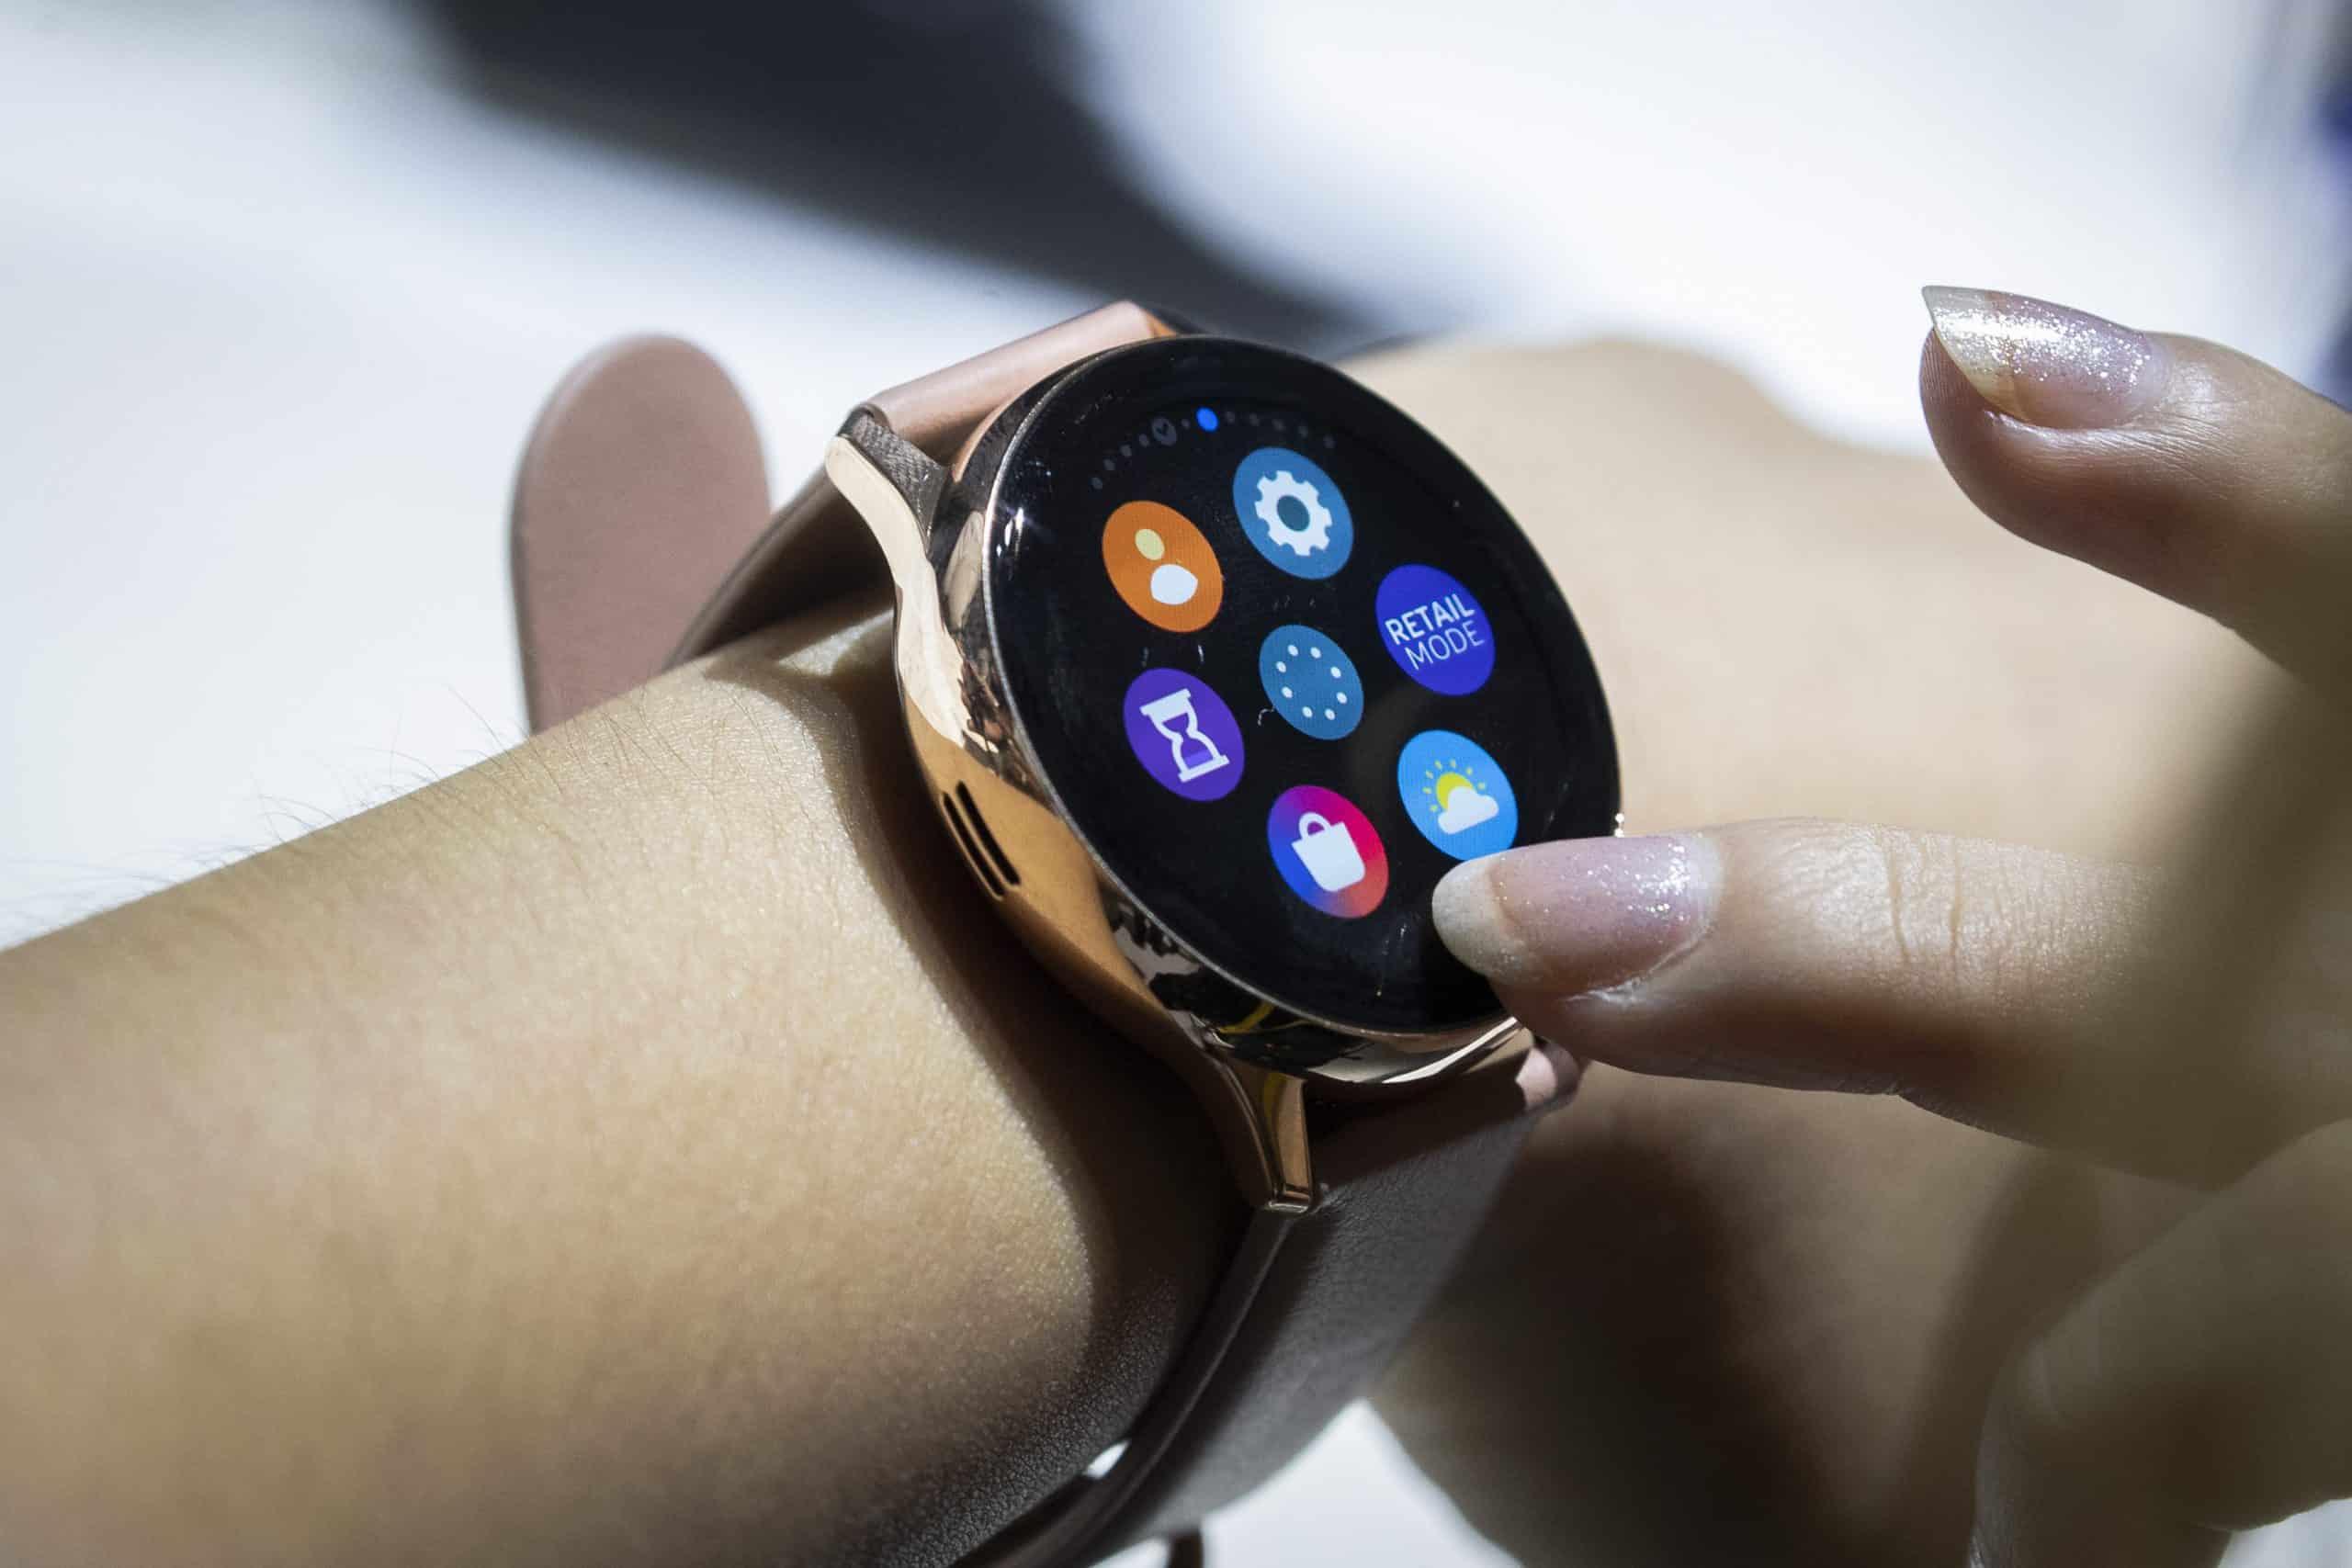 Какие смарт-часы samsung galaxy выбрать? простой гид по главным моделям бренда |  палач | гаджеты, скидки и медиа